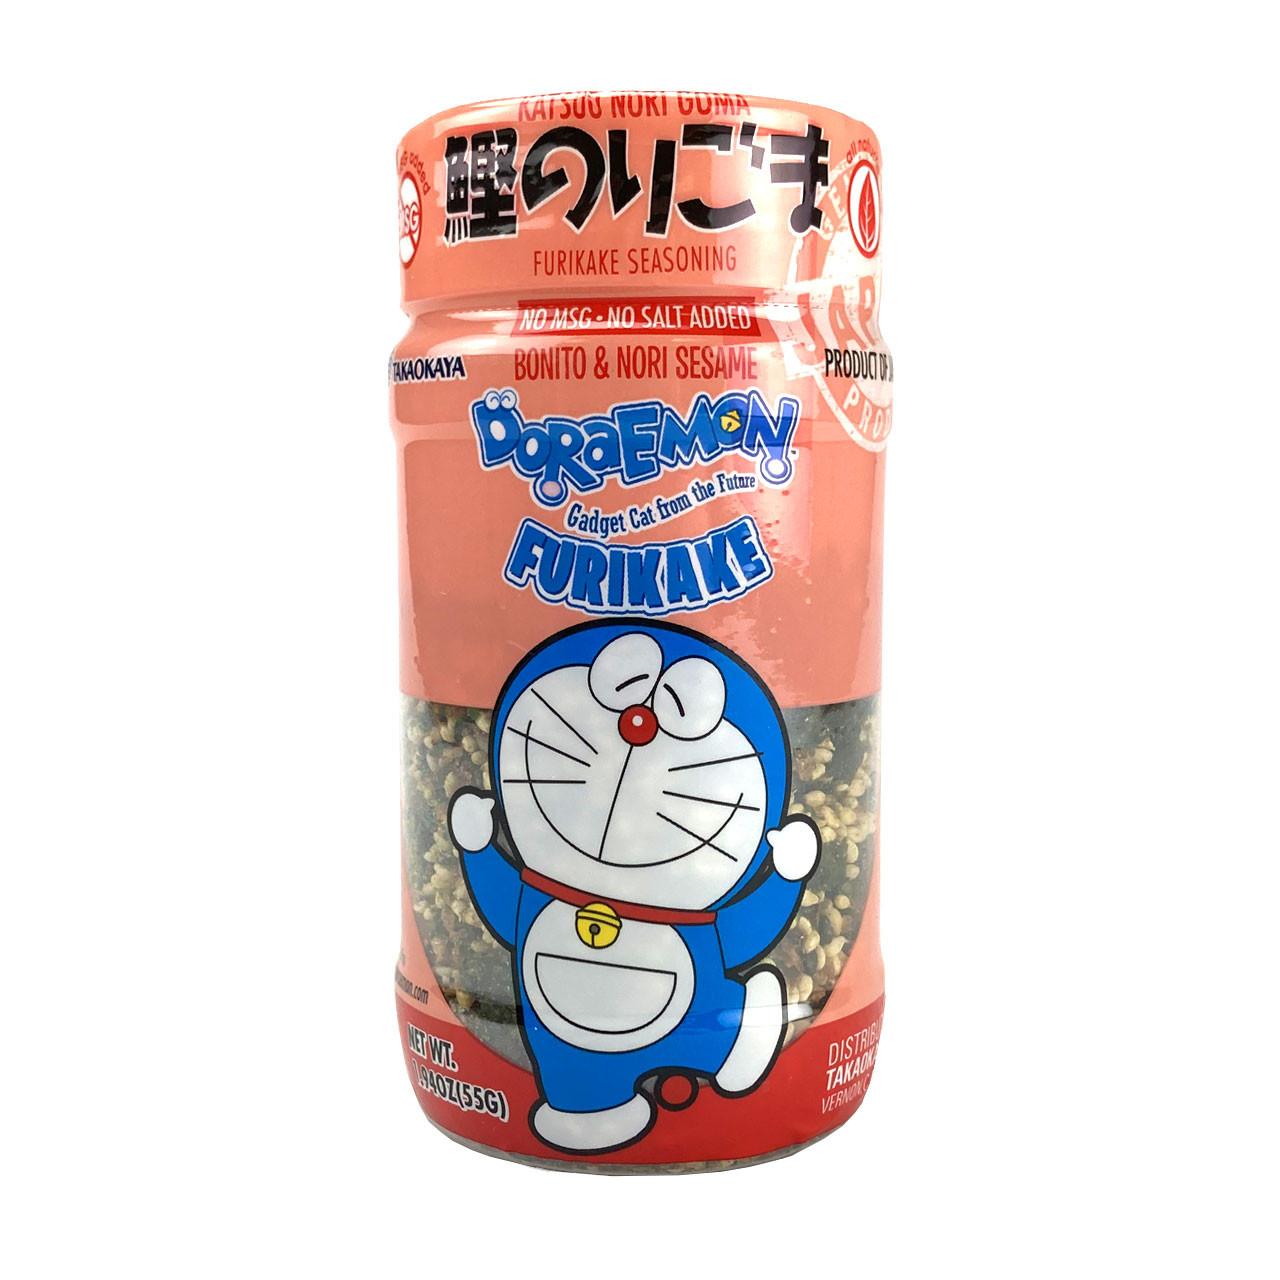 Takaokaya Furikake No MSG, No Salt Added, Bonito & Nori Sesame (Katsuo Nori Goma)